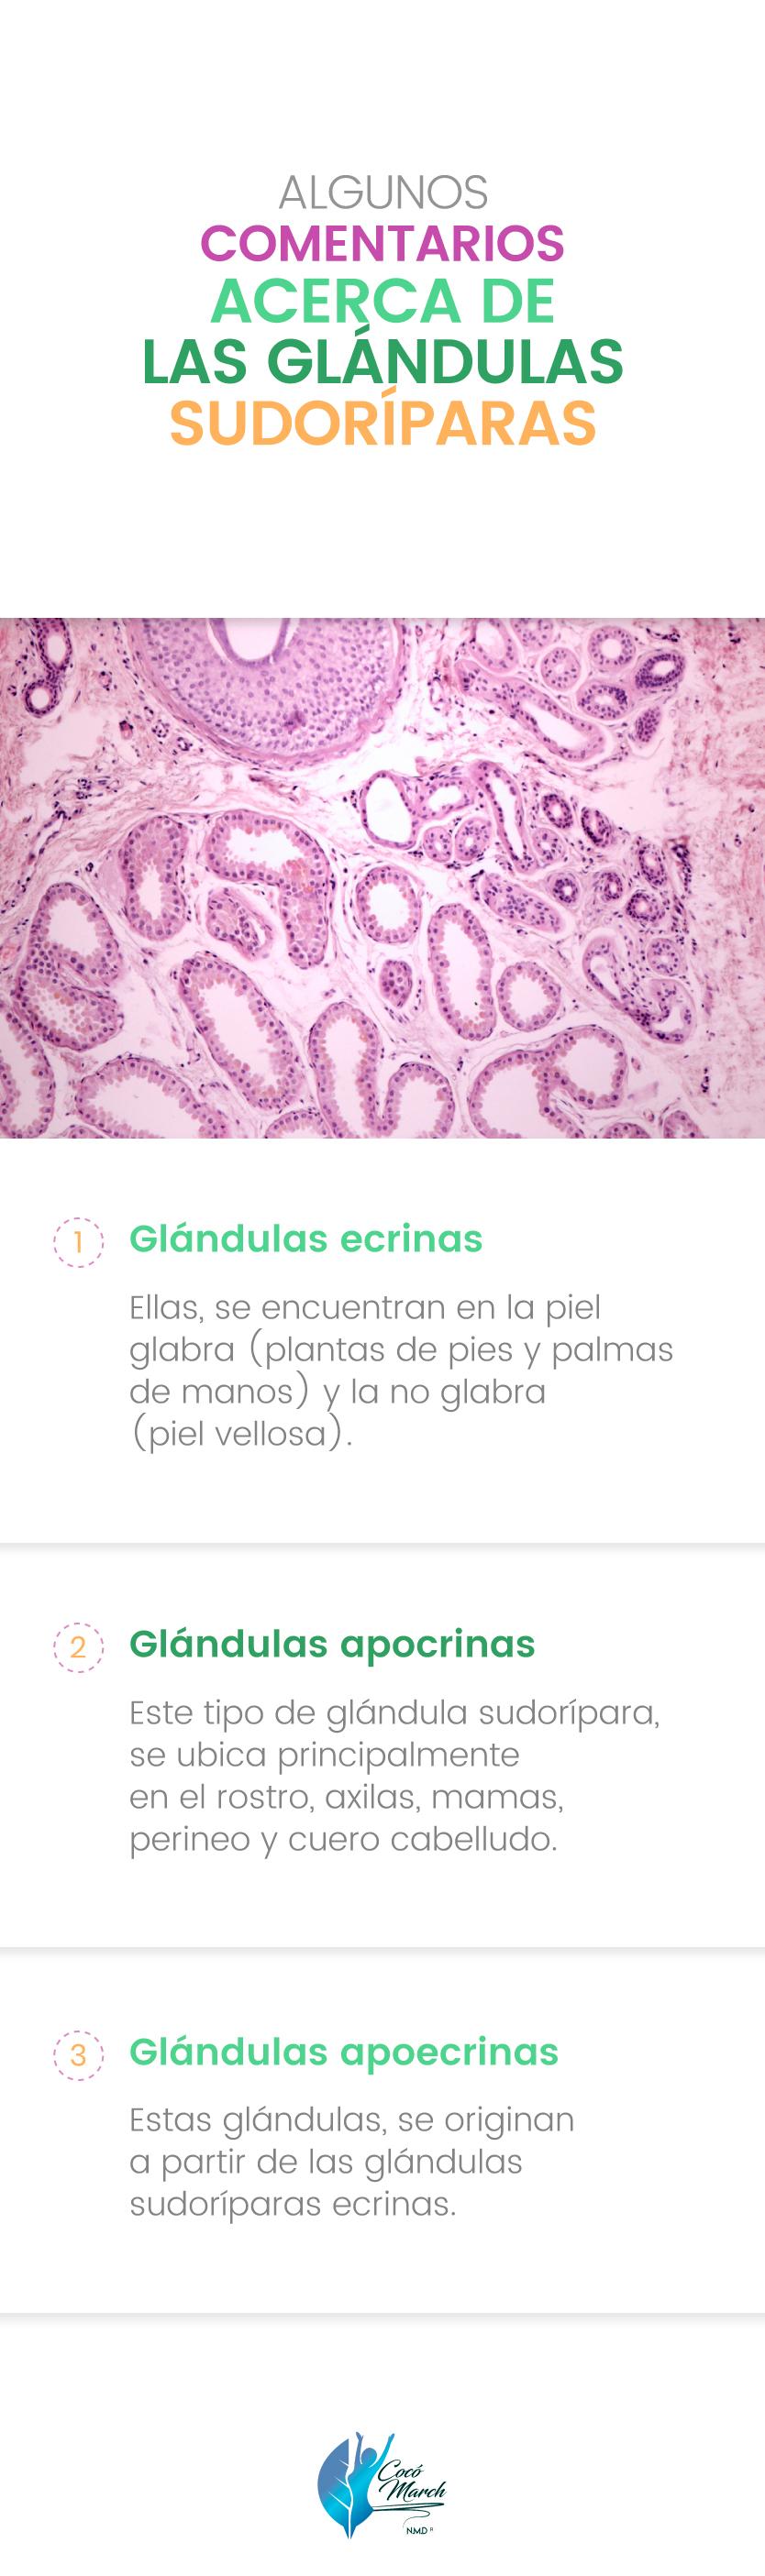 glandulas-sudoriparas